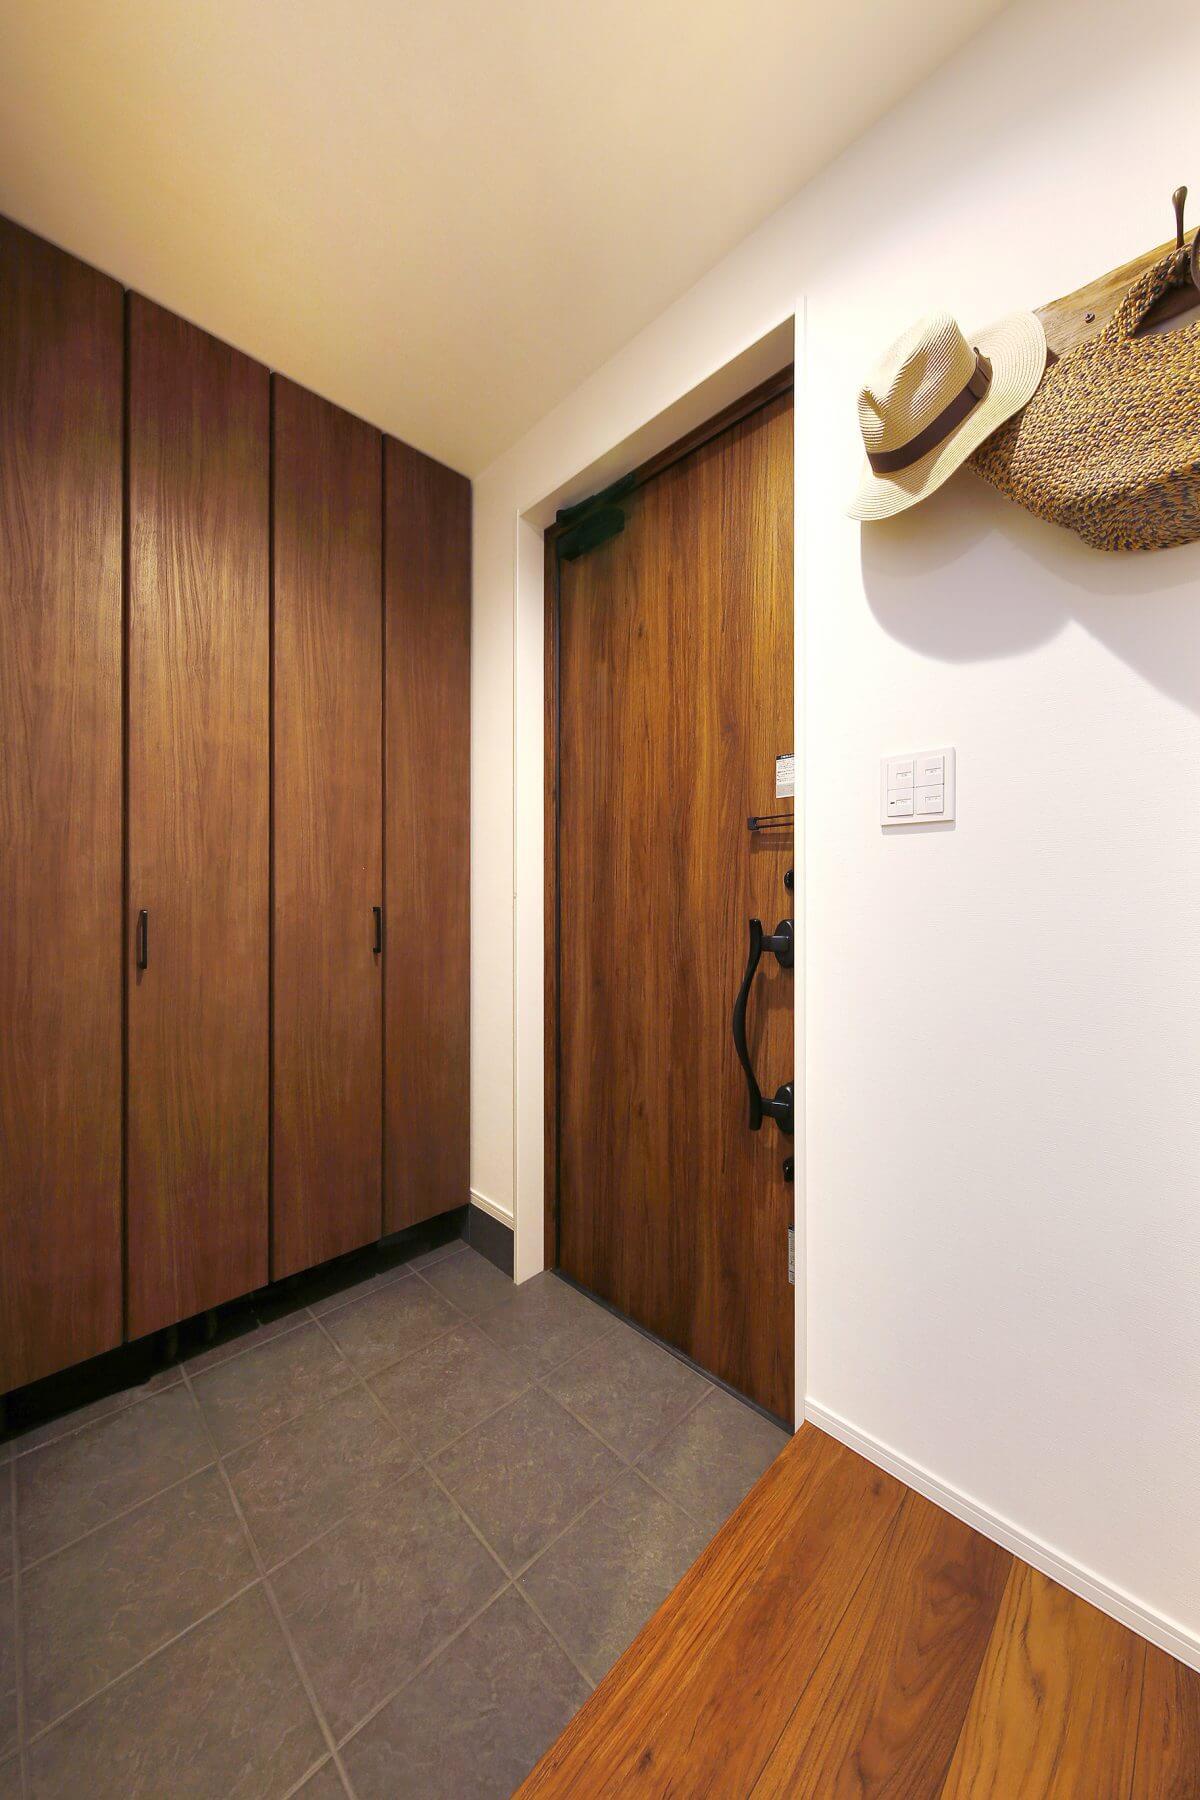 天井までたっぷり入る玄関収納を設置。将来家族が増えても玄関はスッキリで、雑然としません。玄関ドア、収納建具、フローリングなど、限られた空間でも美しくコーディネート。